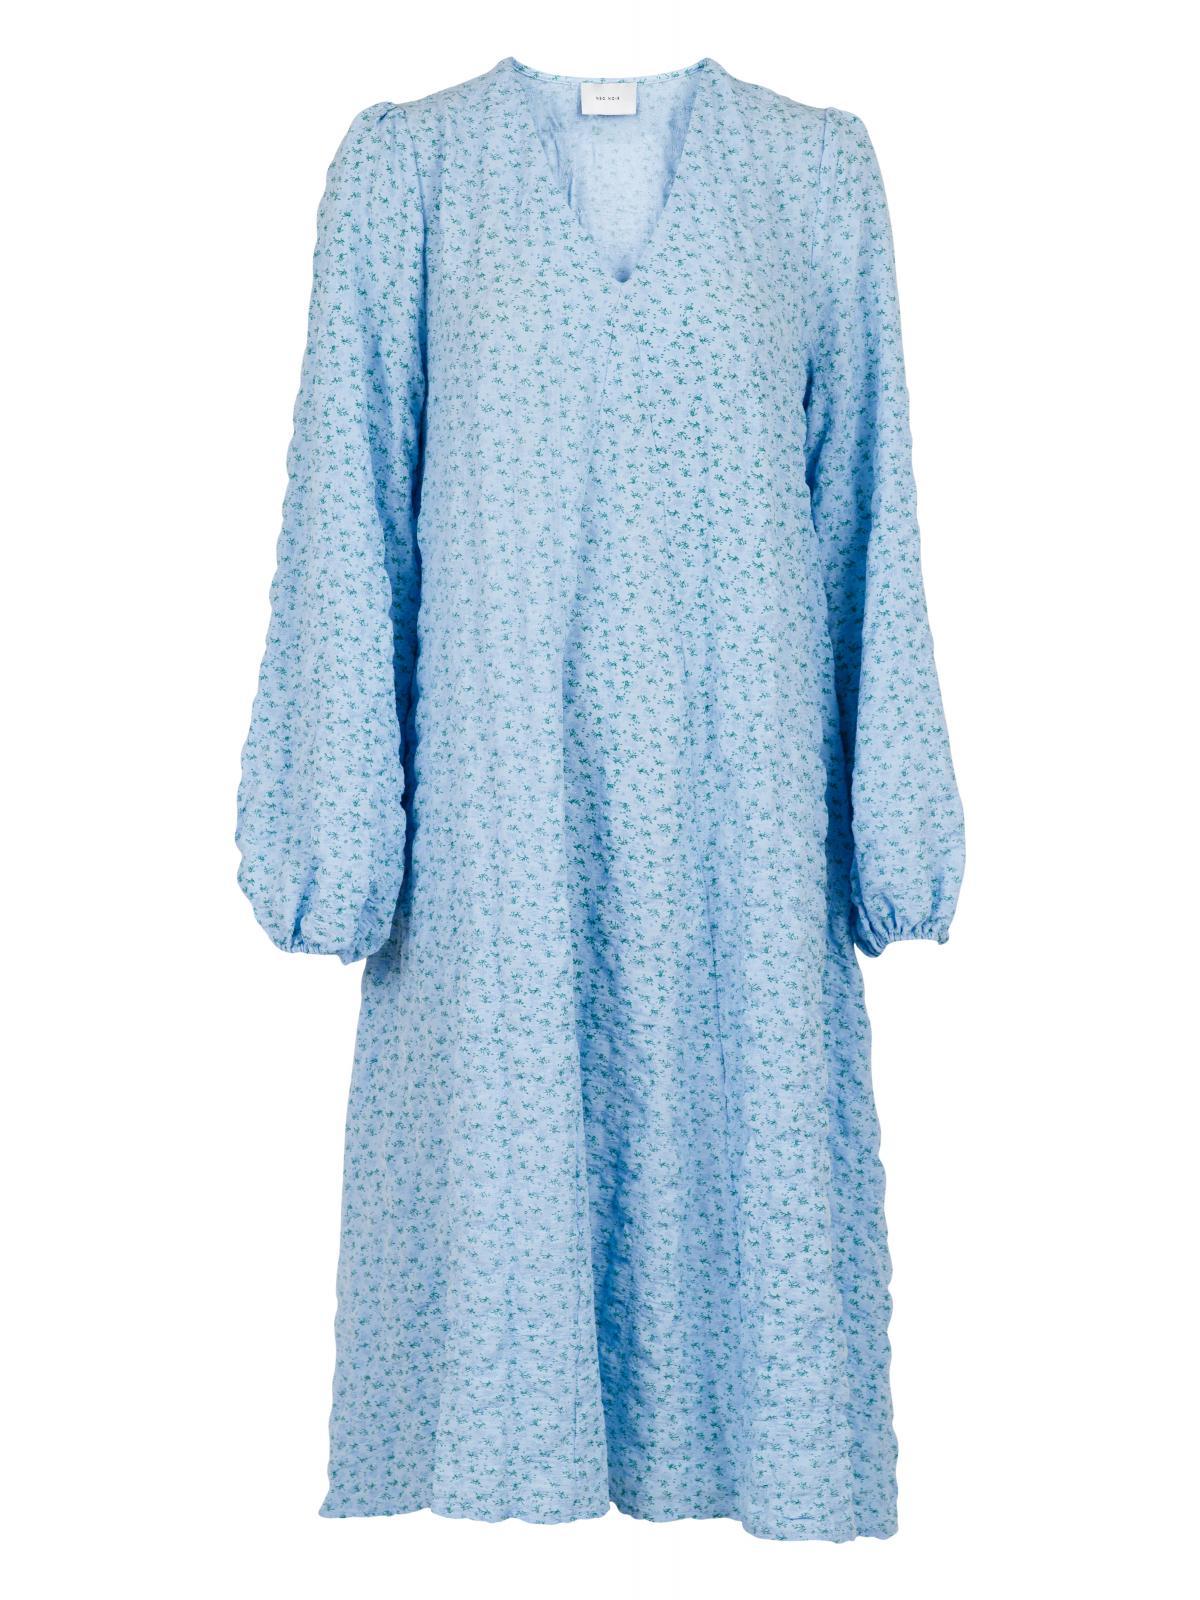 Neo Noir Tusja kjole, light blue, 36